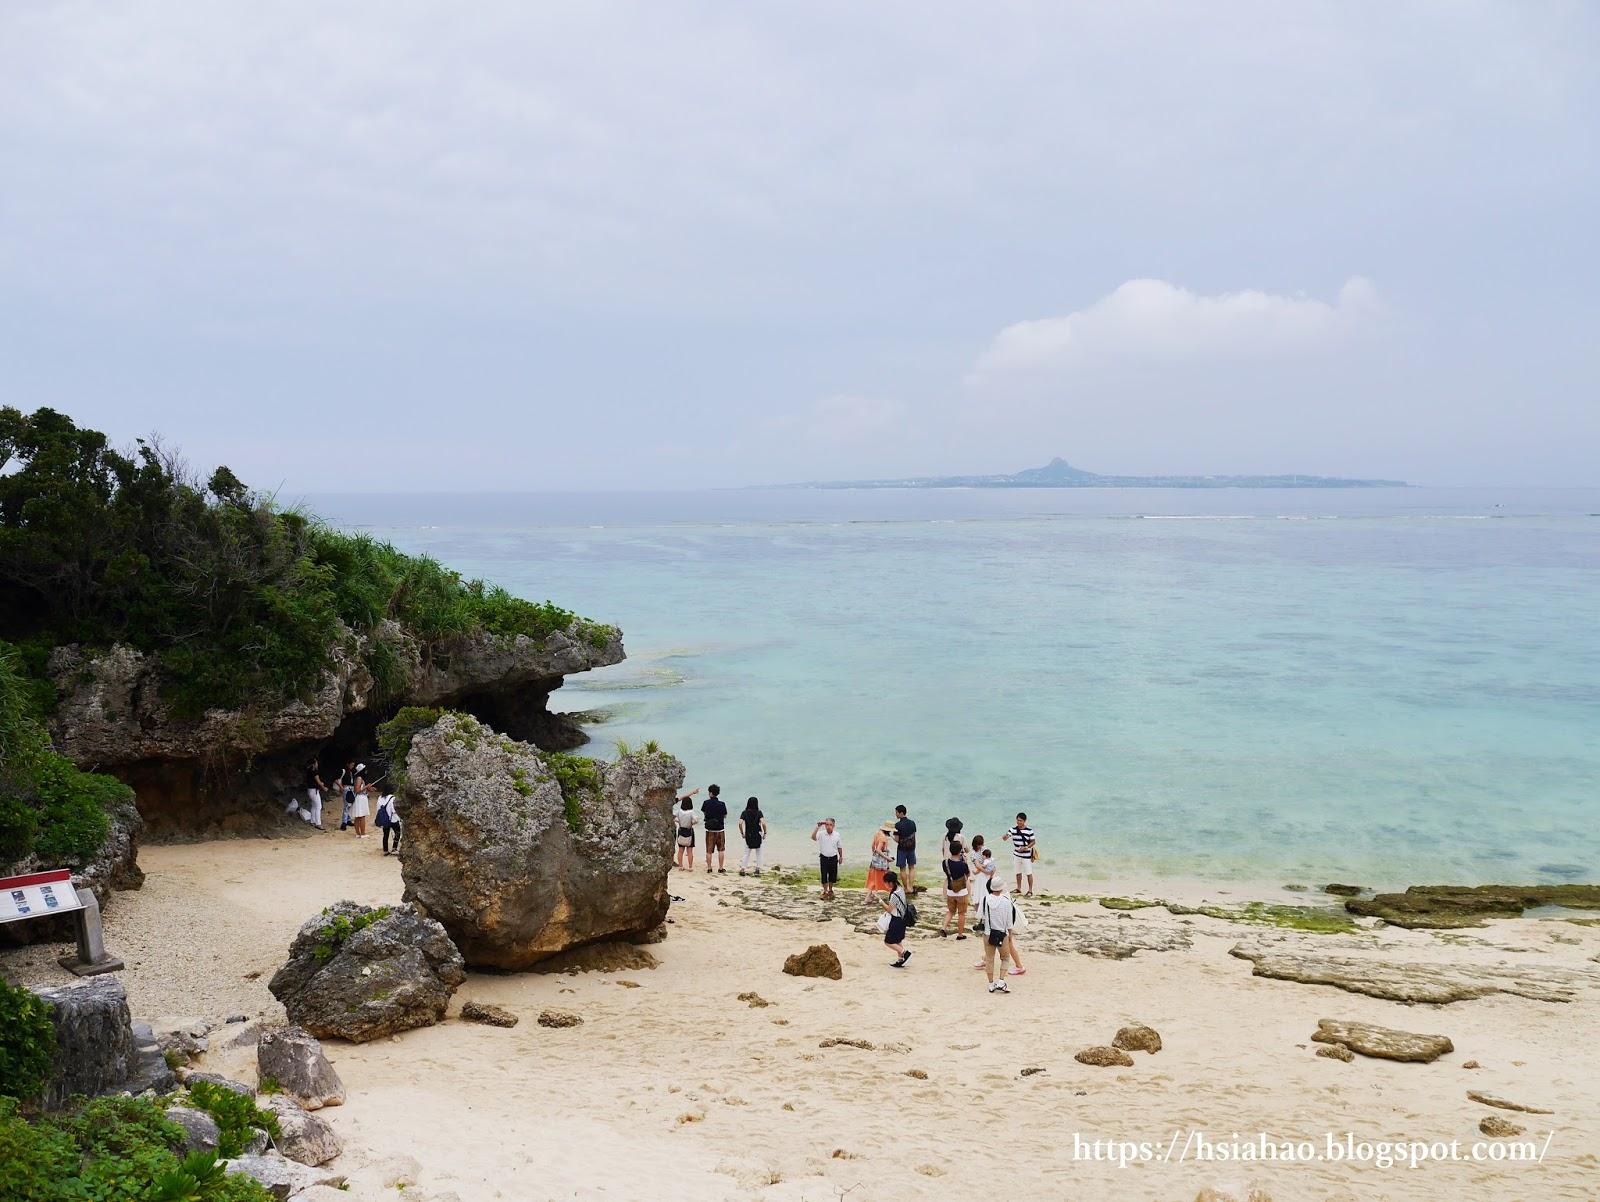 沖繩-海洋博公園-美麗海水族館-海灘-景點-自由行-旅遊-旅行-okinawa-ocean-expo-park-Churaumi